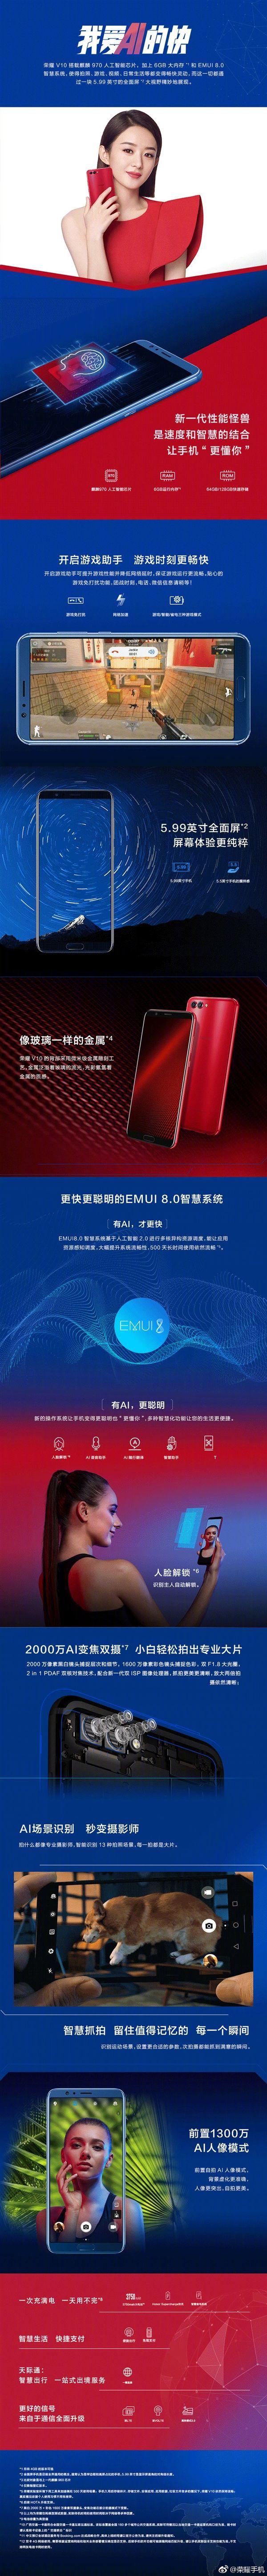 Huawei Honor V10 с двойной камерой и чипом Kirin 970 представлен – фото 10